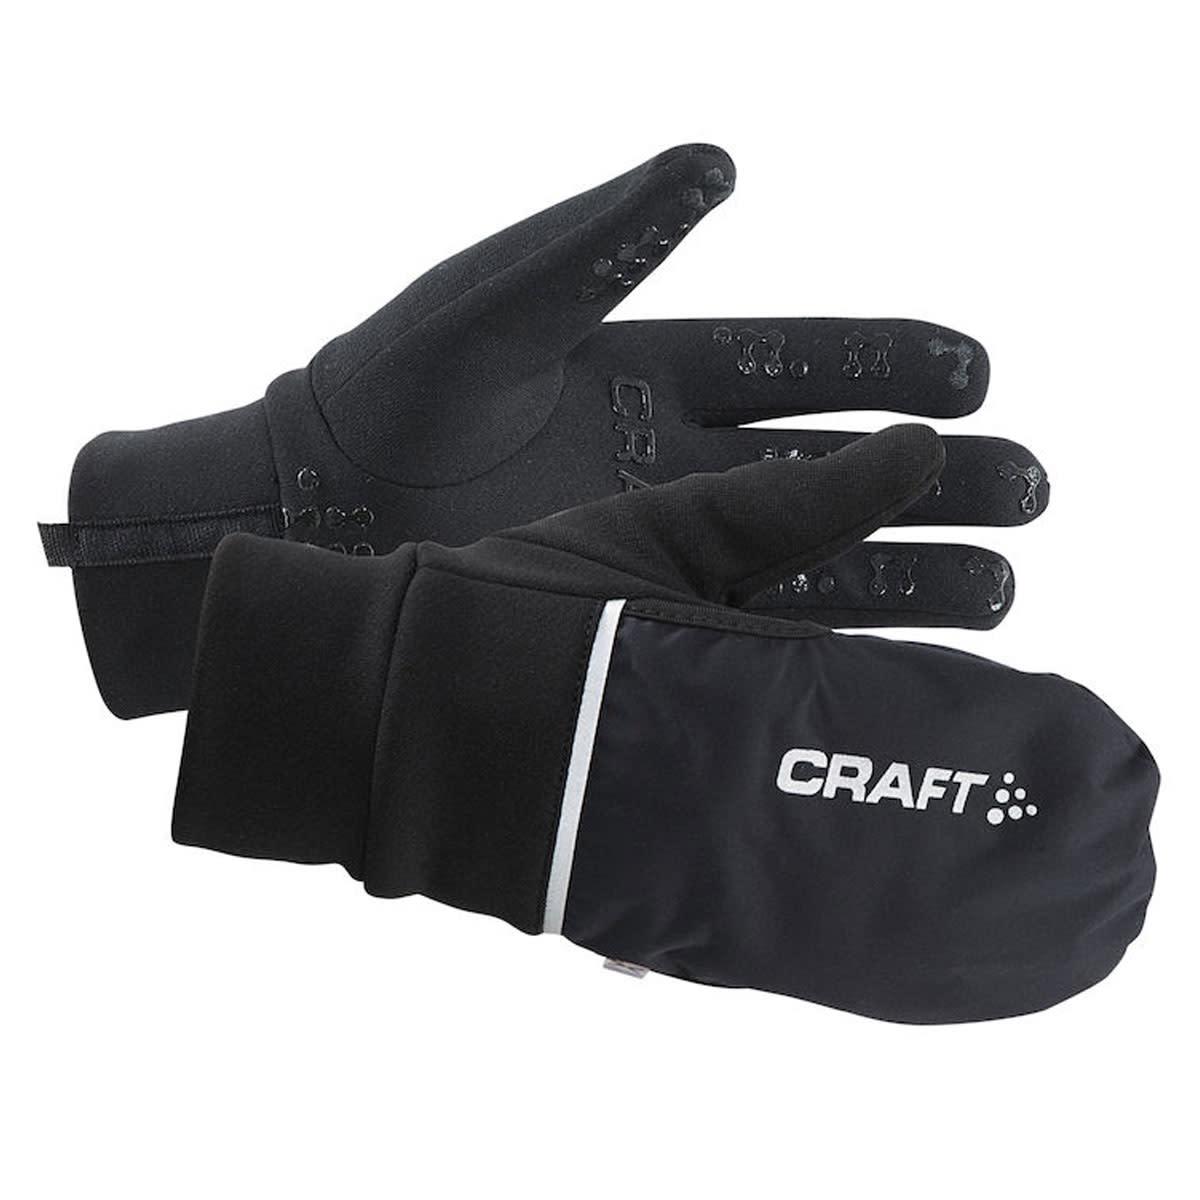 gant-craft-hybride-deux-doigts